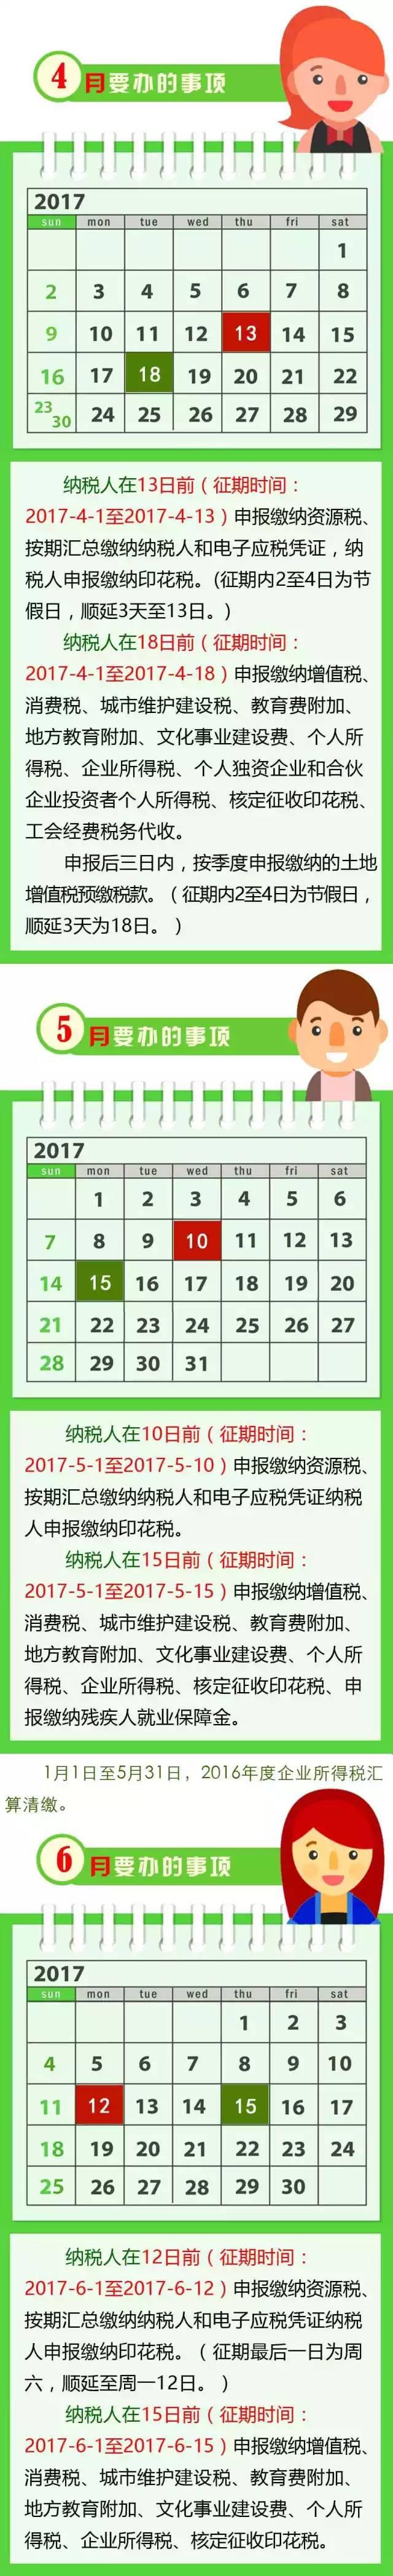 2017办税看它就够了!2017征期日历新鲜出炉~收藏! 〖税务知识〗 第4张